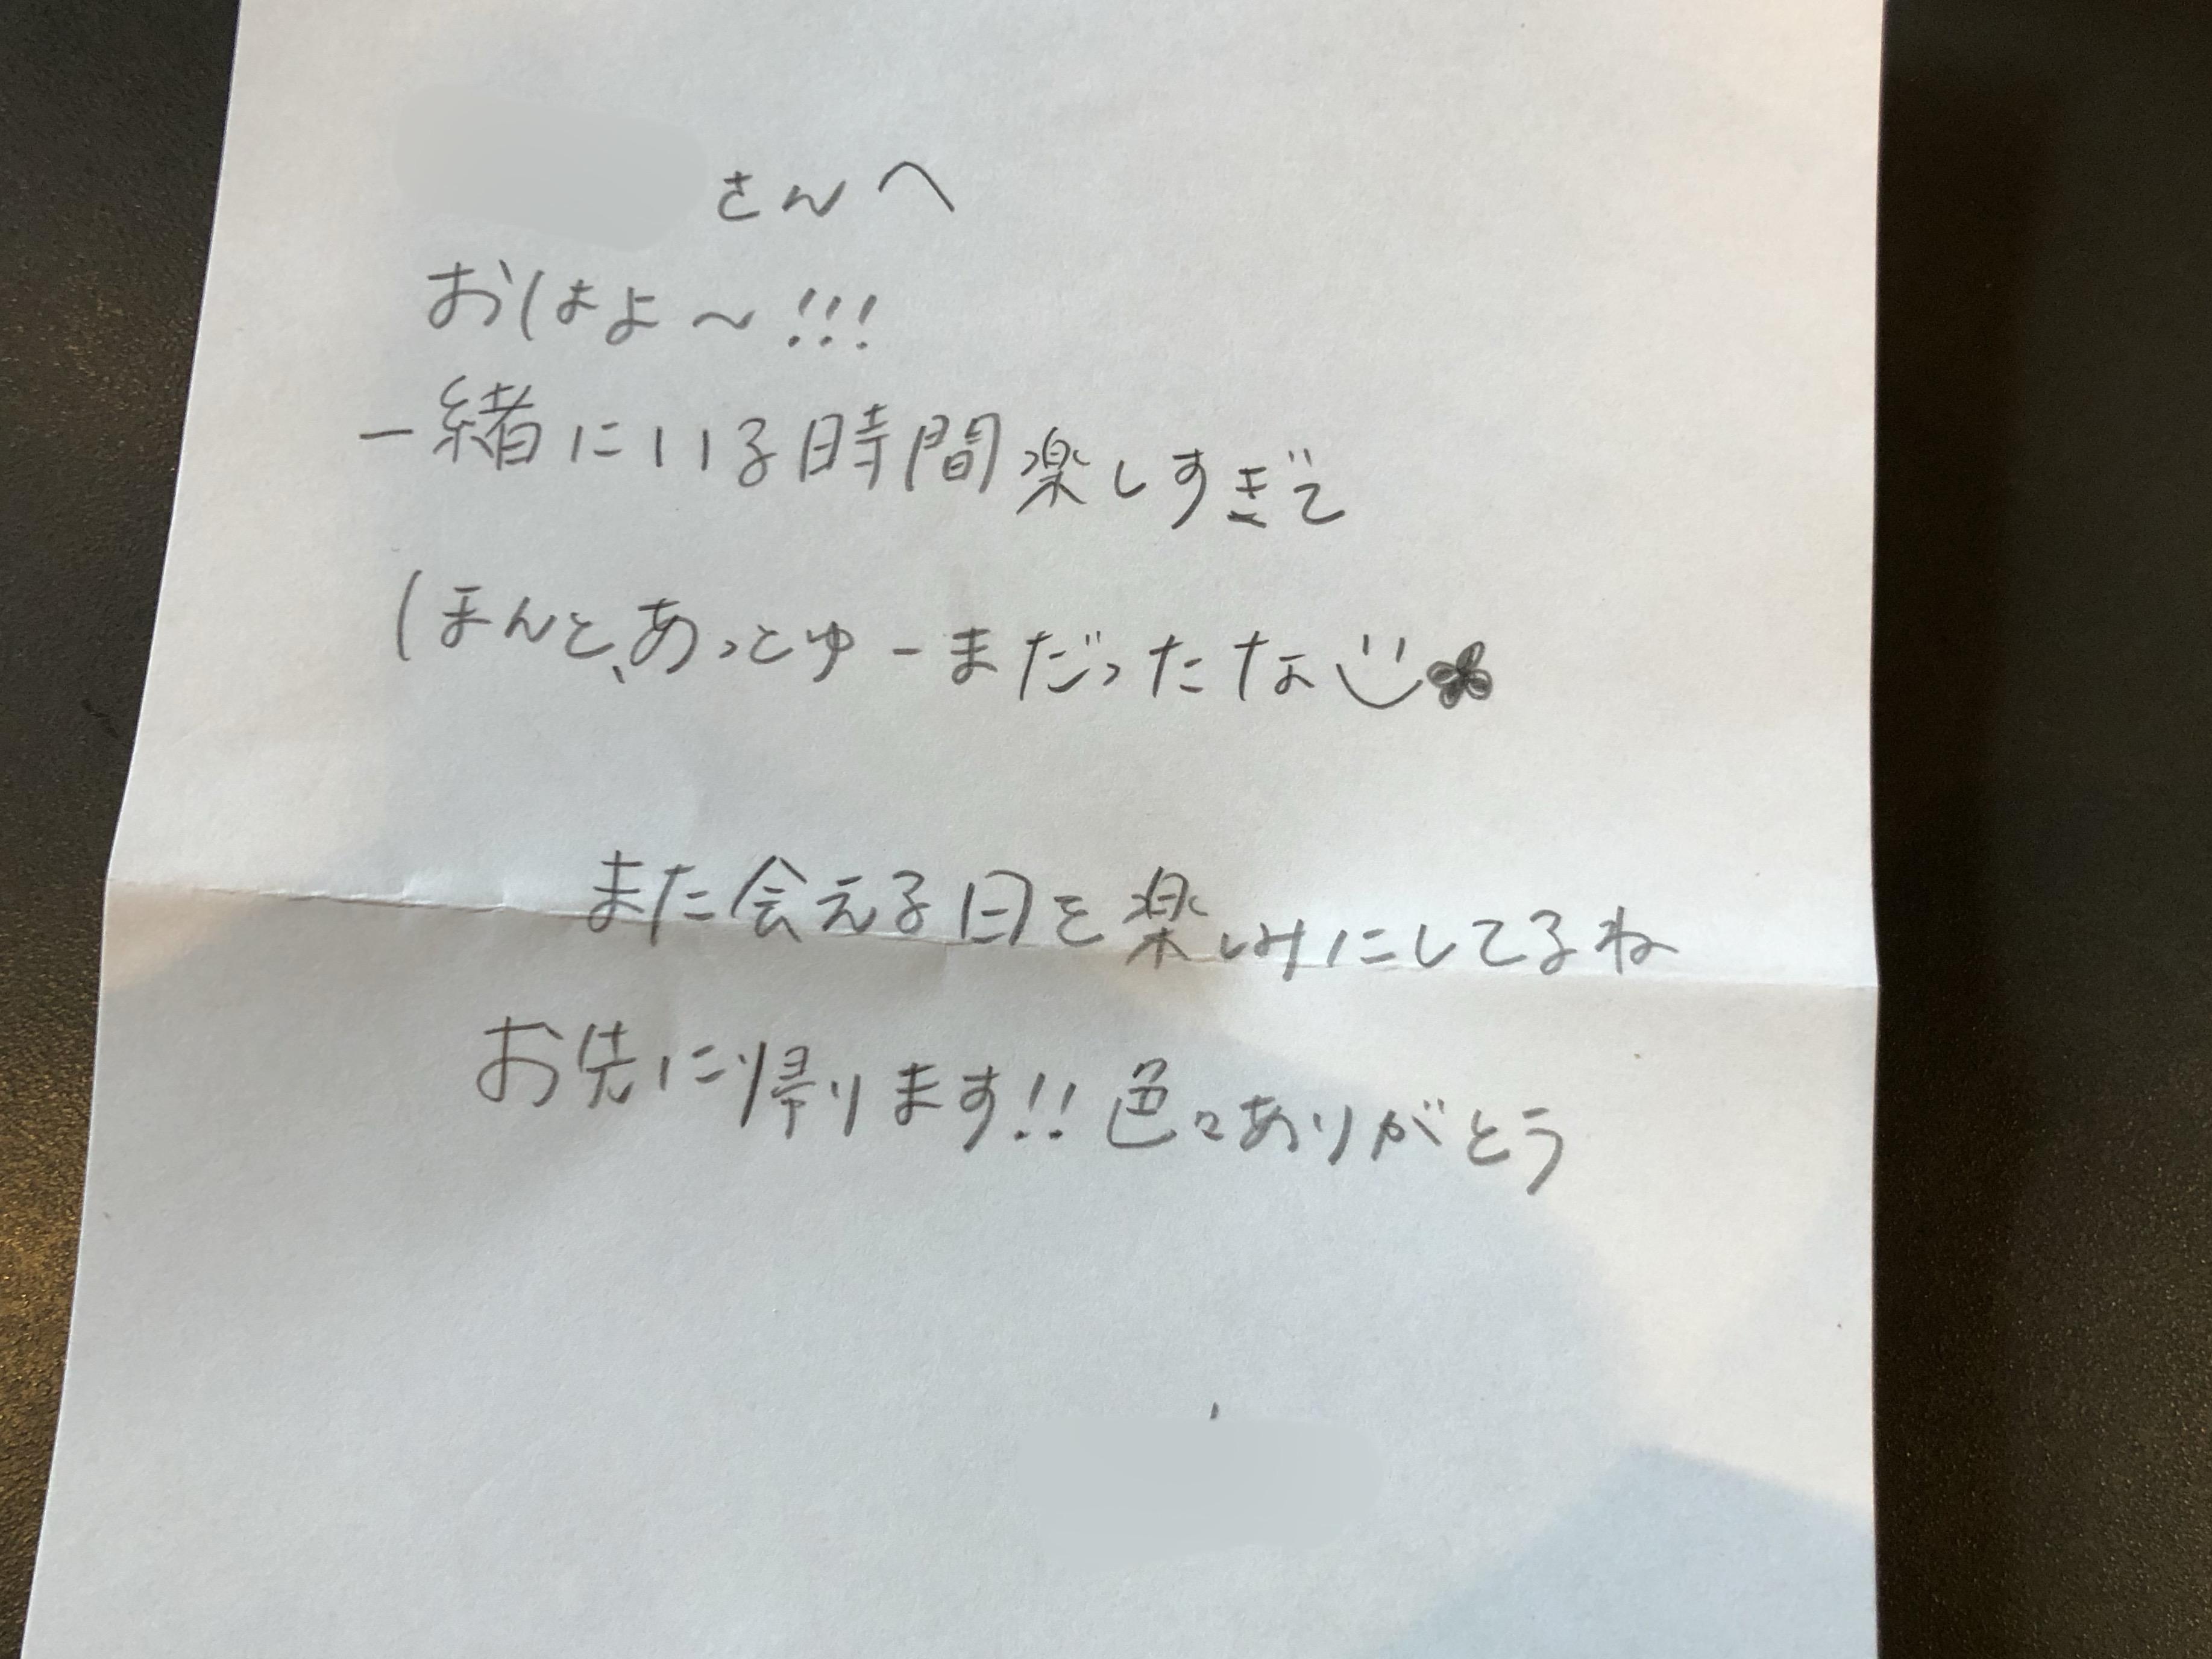 乃木坂ちゃんからの置き手紙